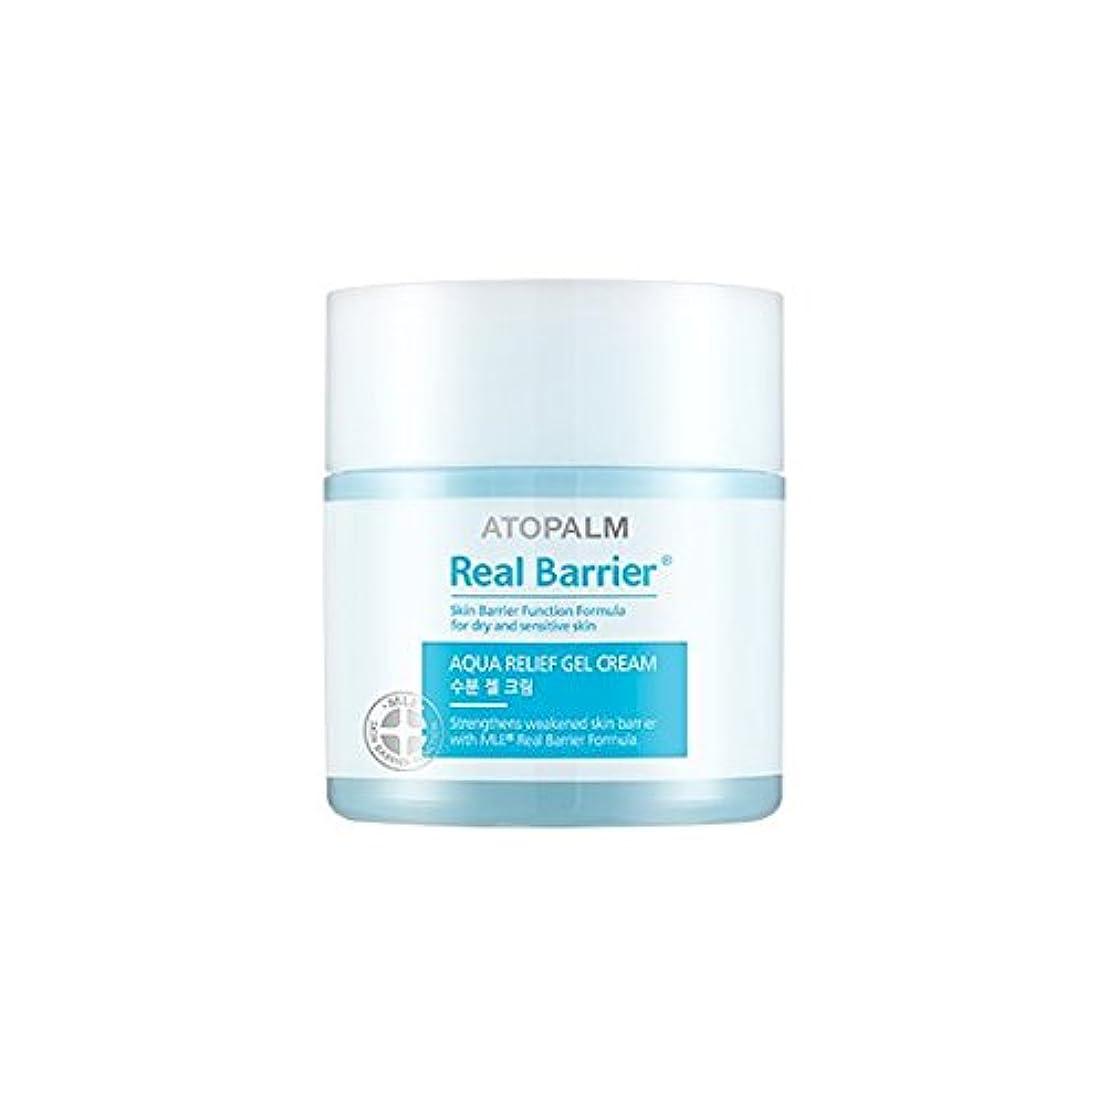 聖域フォローぐるぐるATOPALM Real Barrier Aqua Relief Gel Cream 50ml/アトパーム リアル バリア アクア リリーフ ジェル クリーム 50ml [並行輸入品]